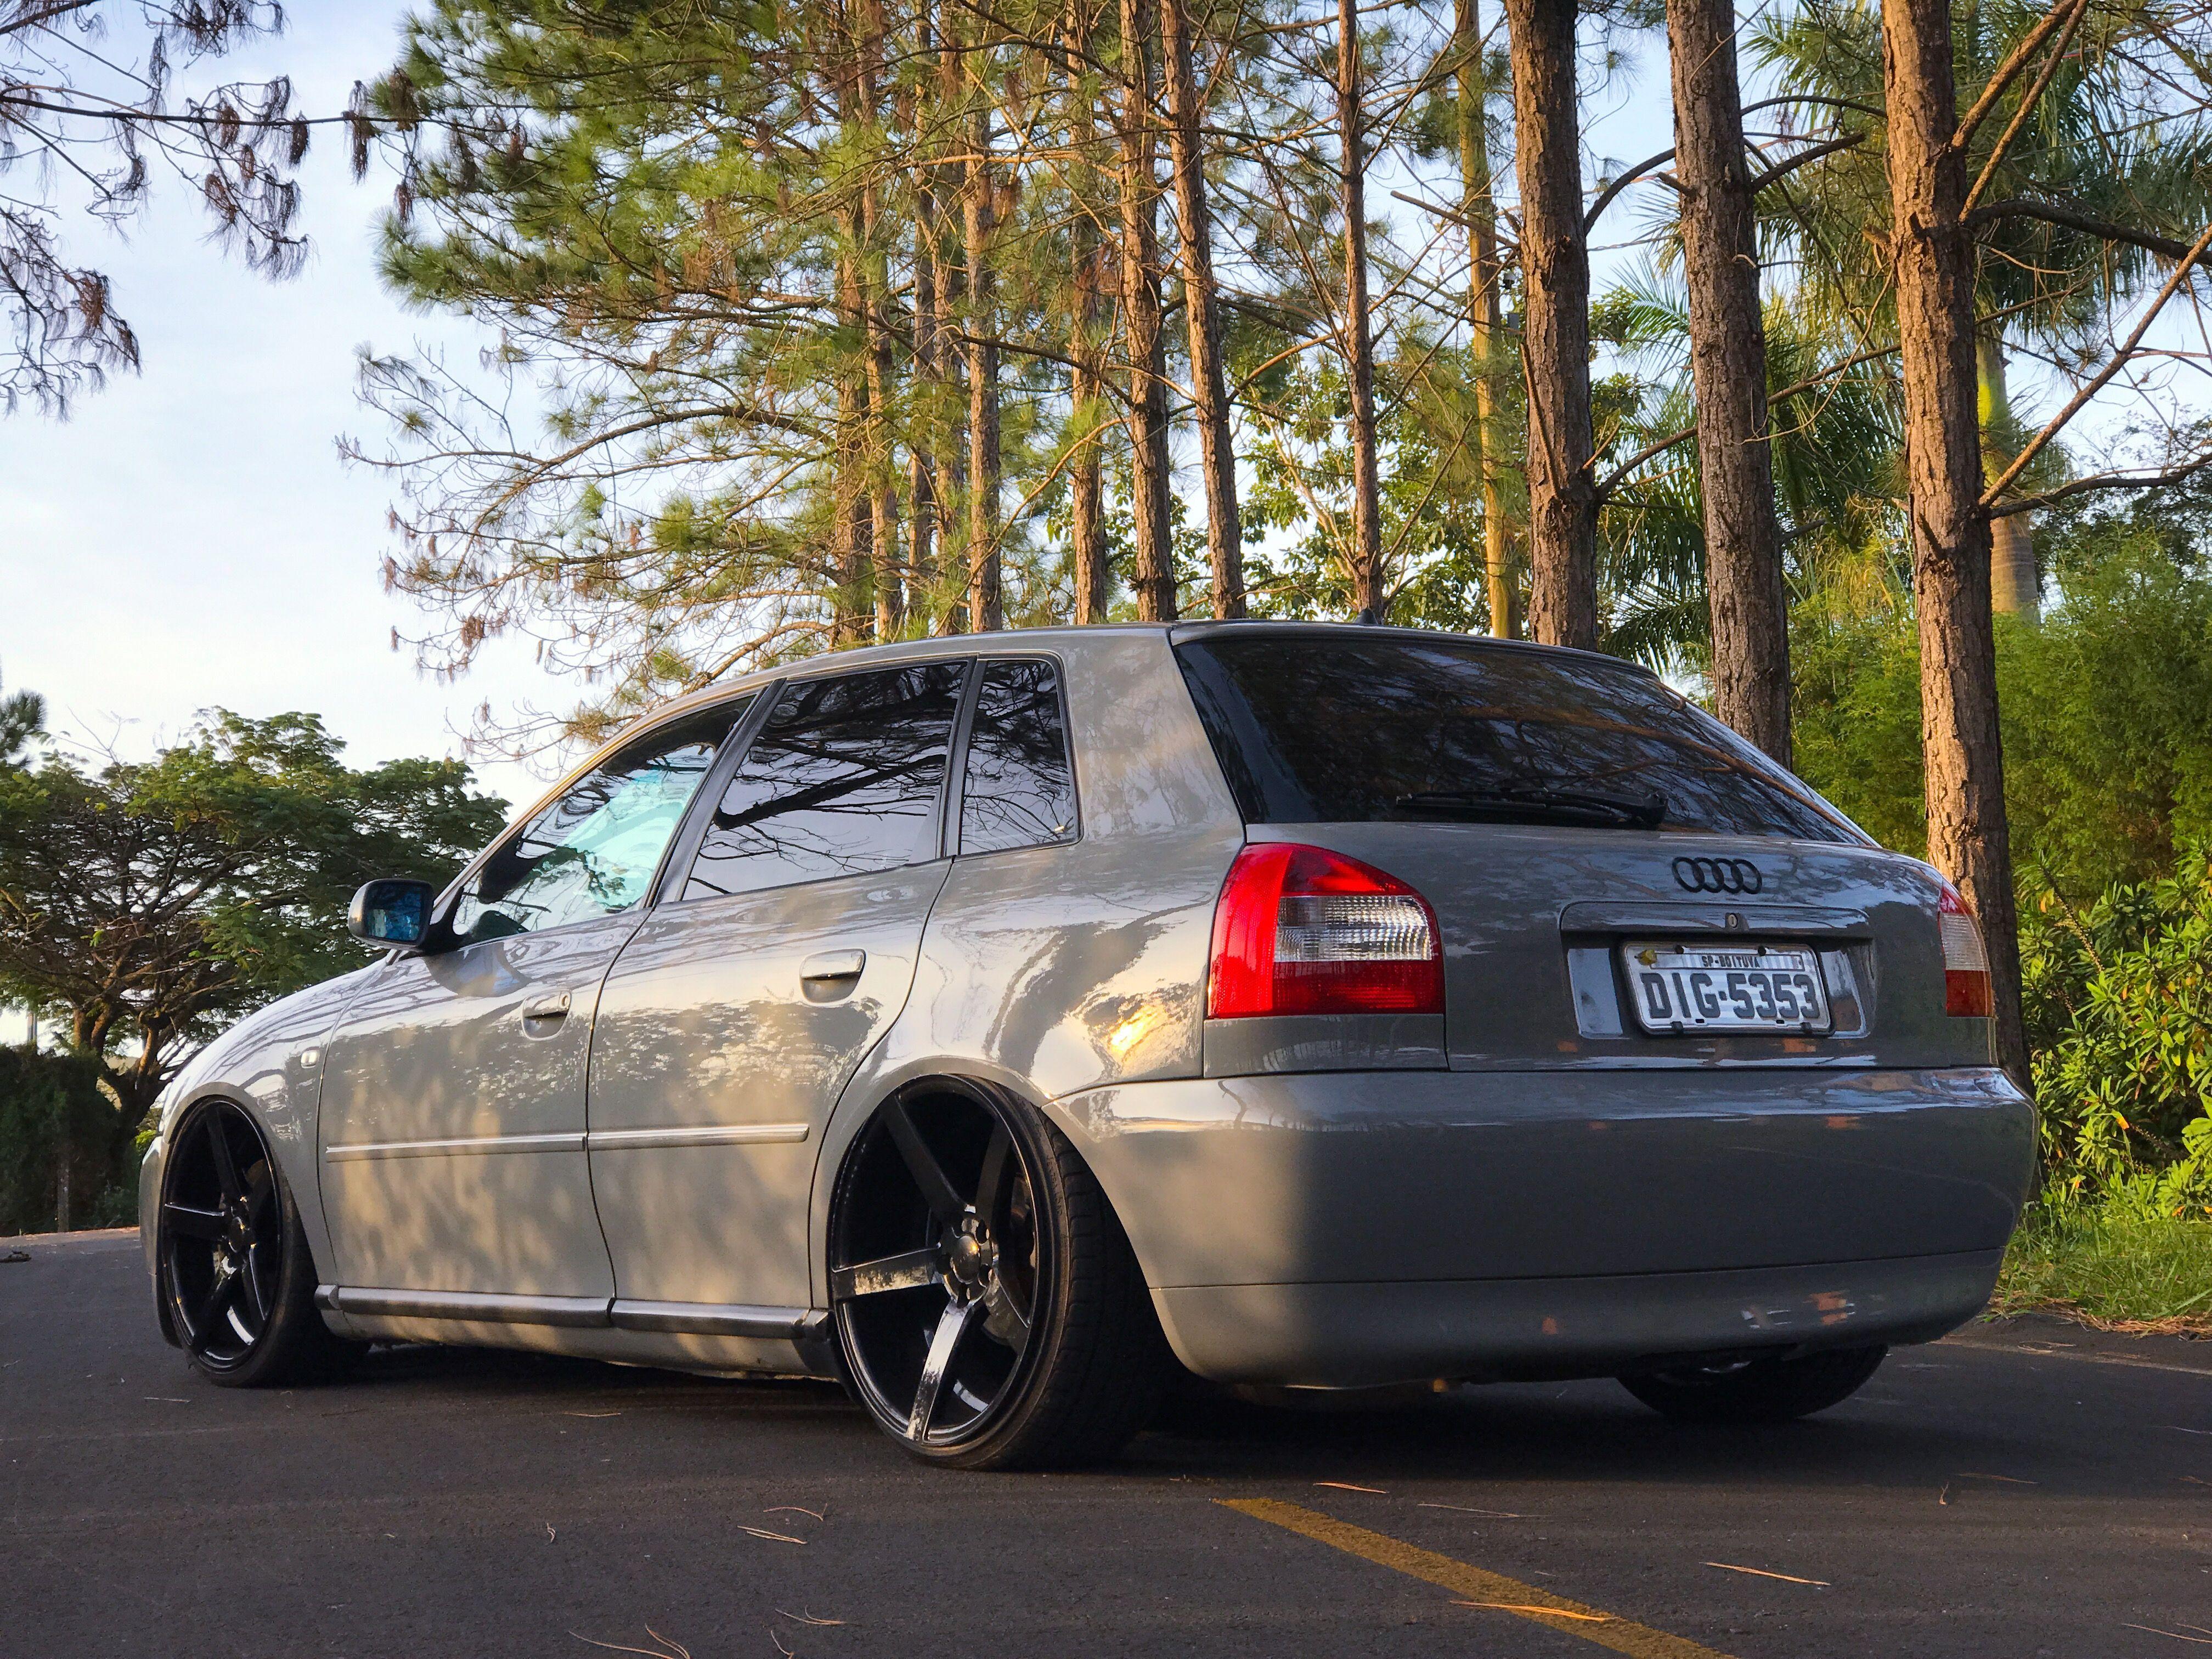 Audi A3 8l Gris Nardo